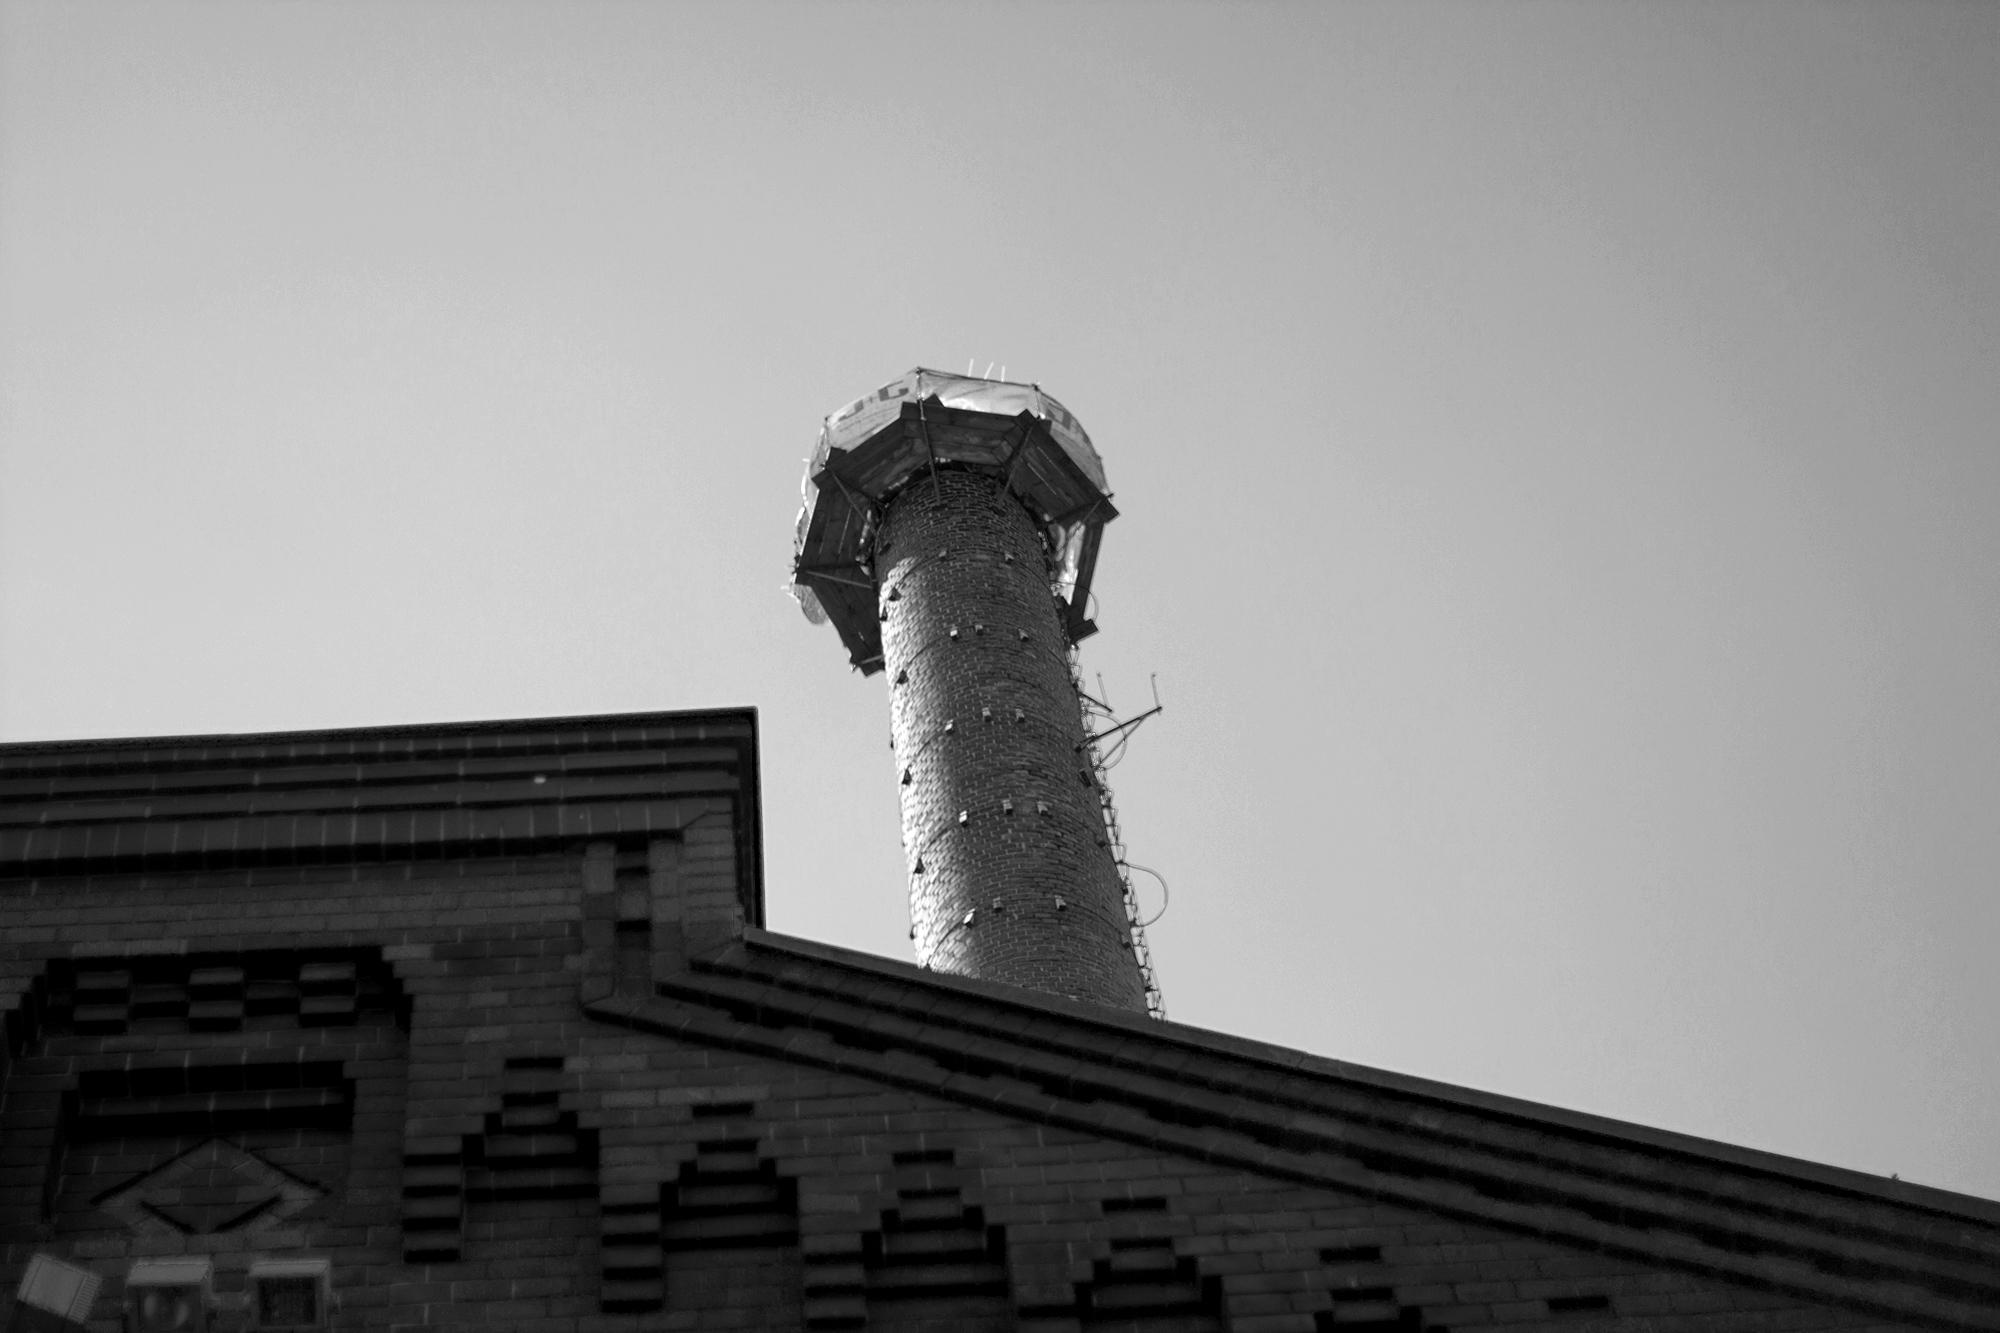 Alte Brauerei Berlin Turm Schwarz-Weiß